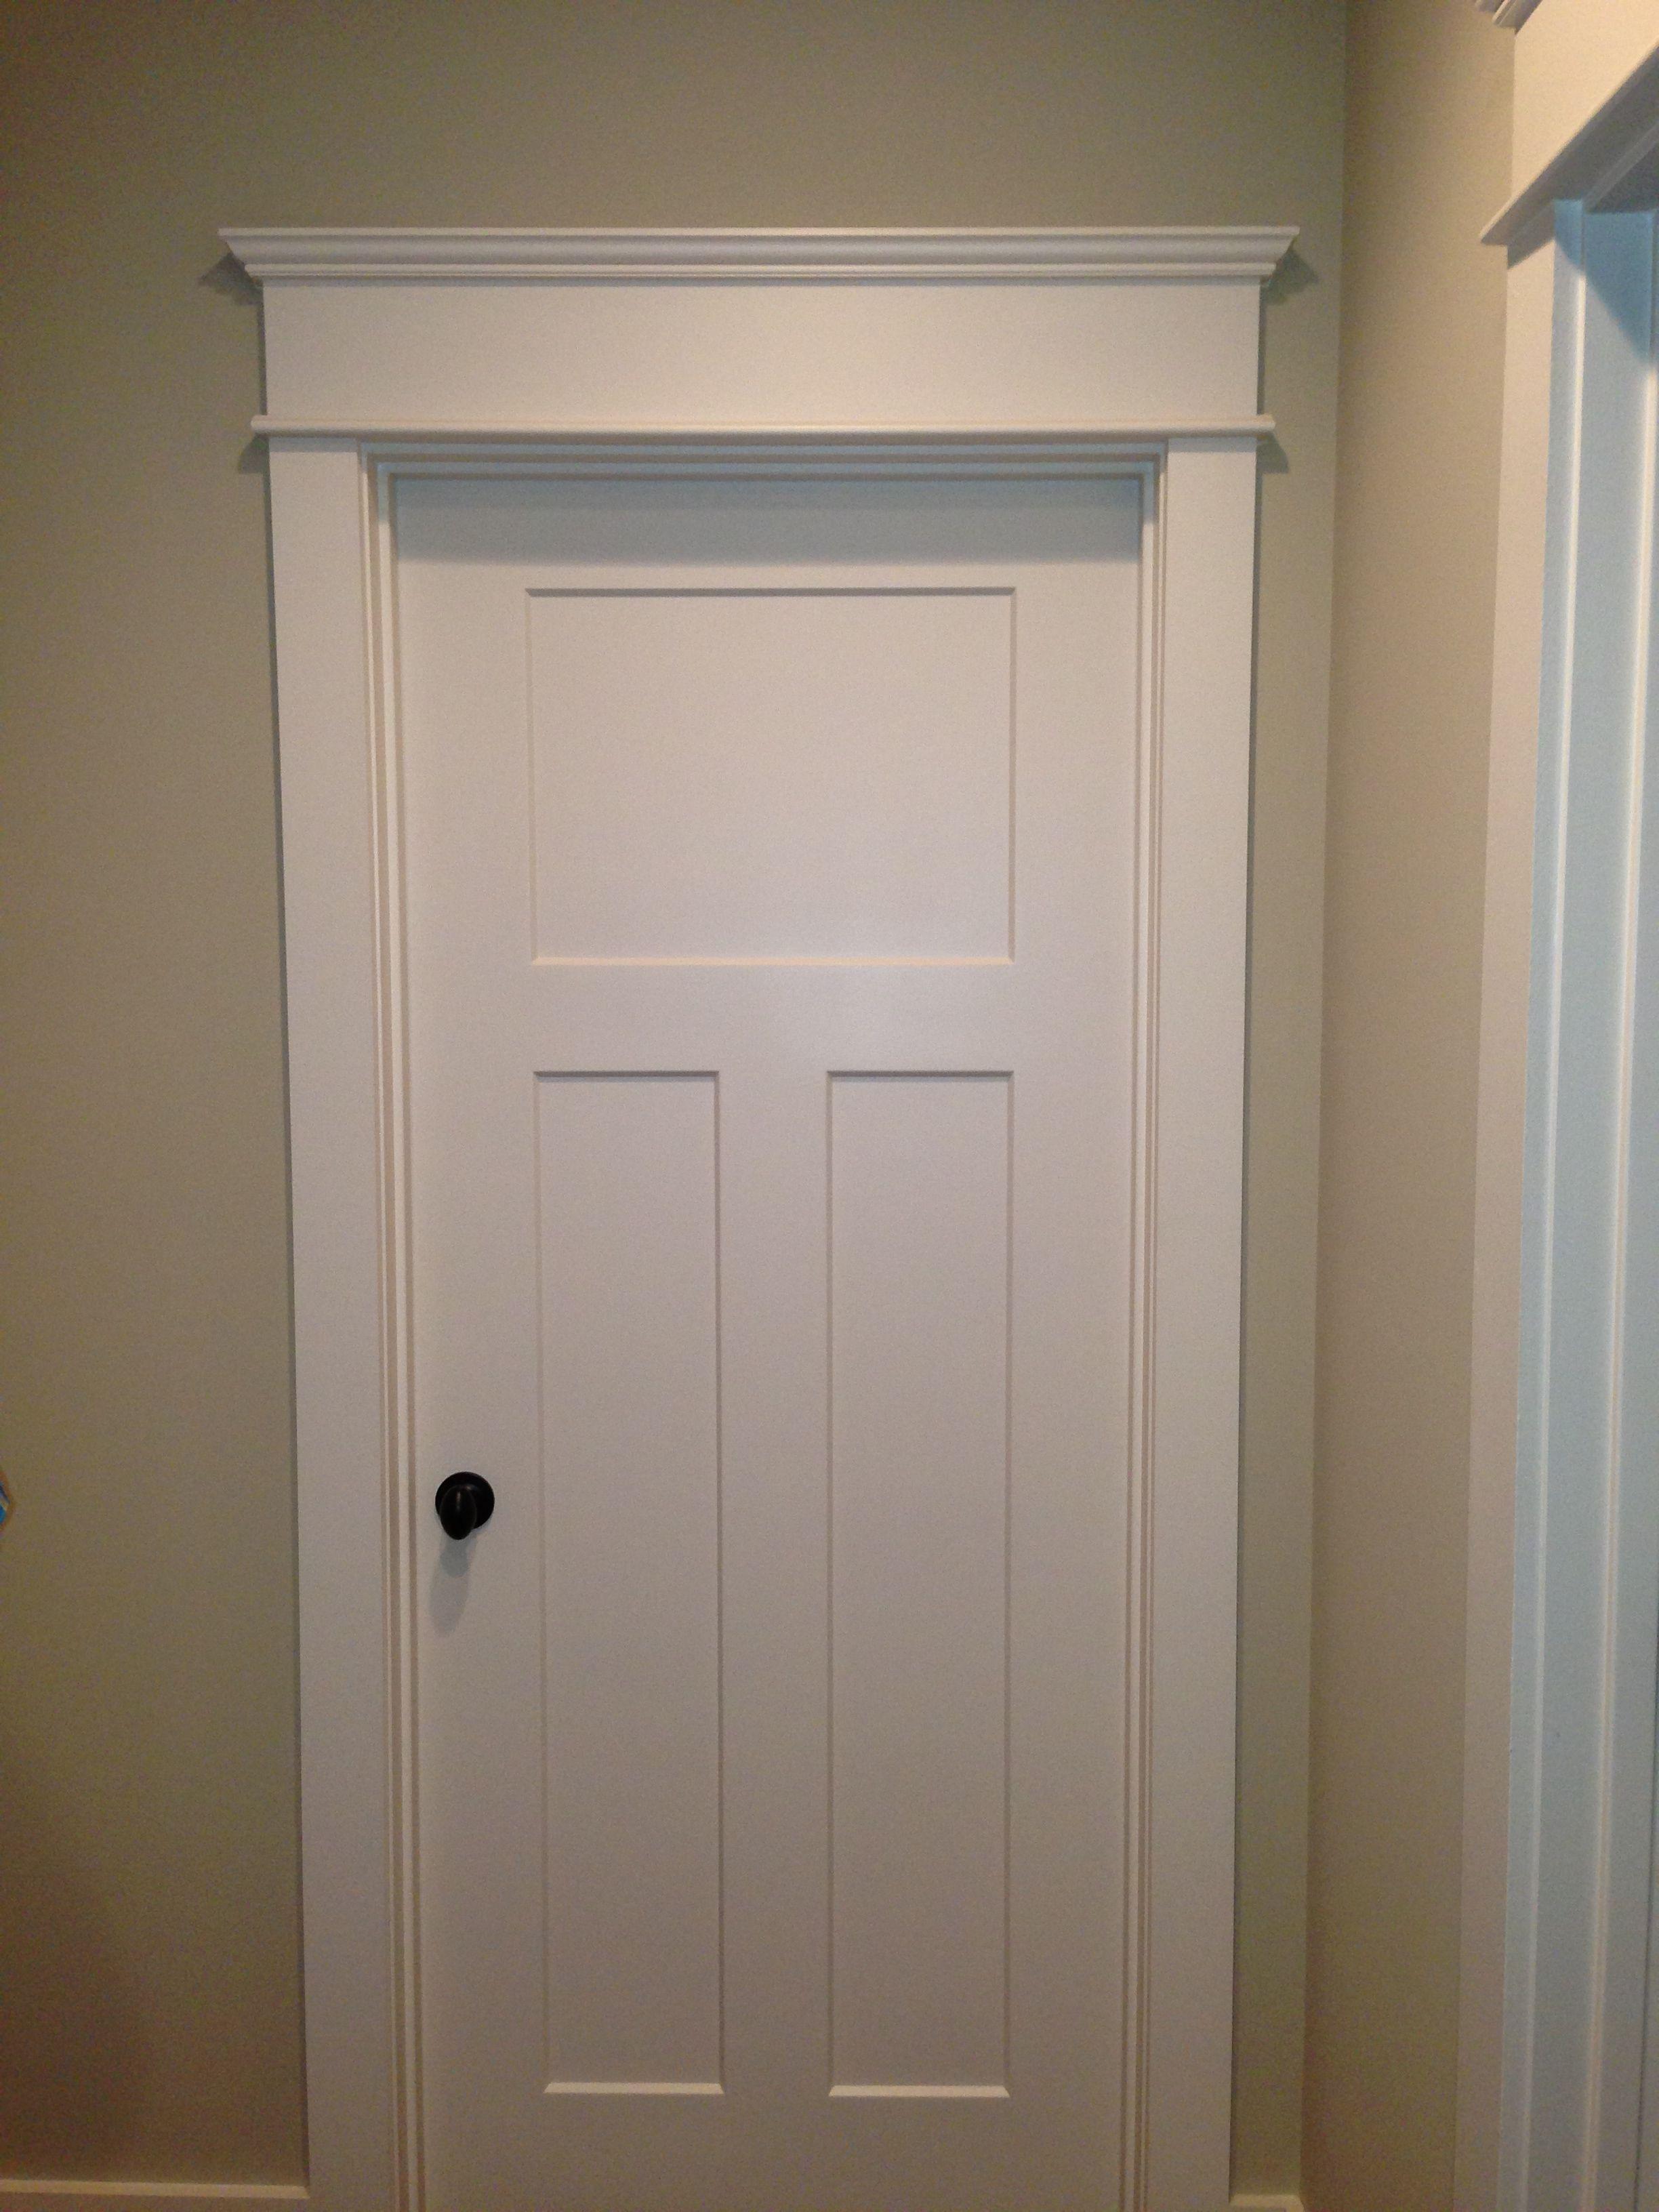 Pin by Amanda Leslie on MDF doors Interior door trim